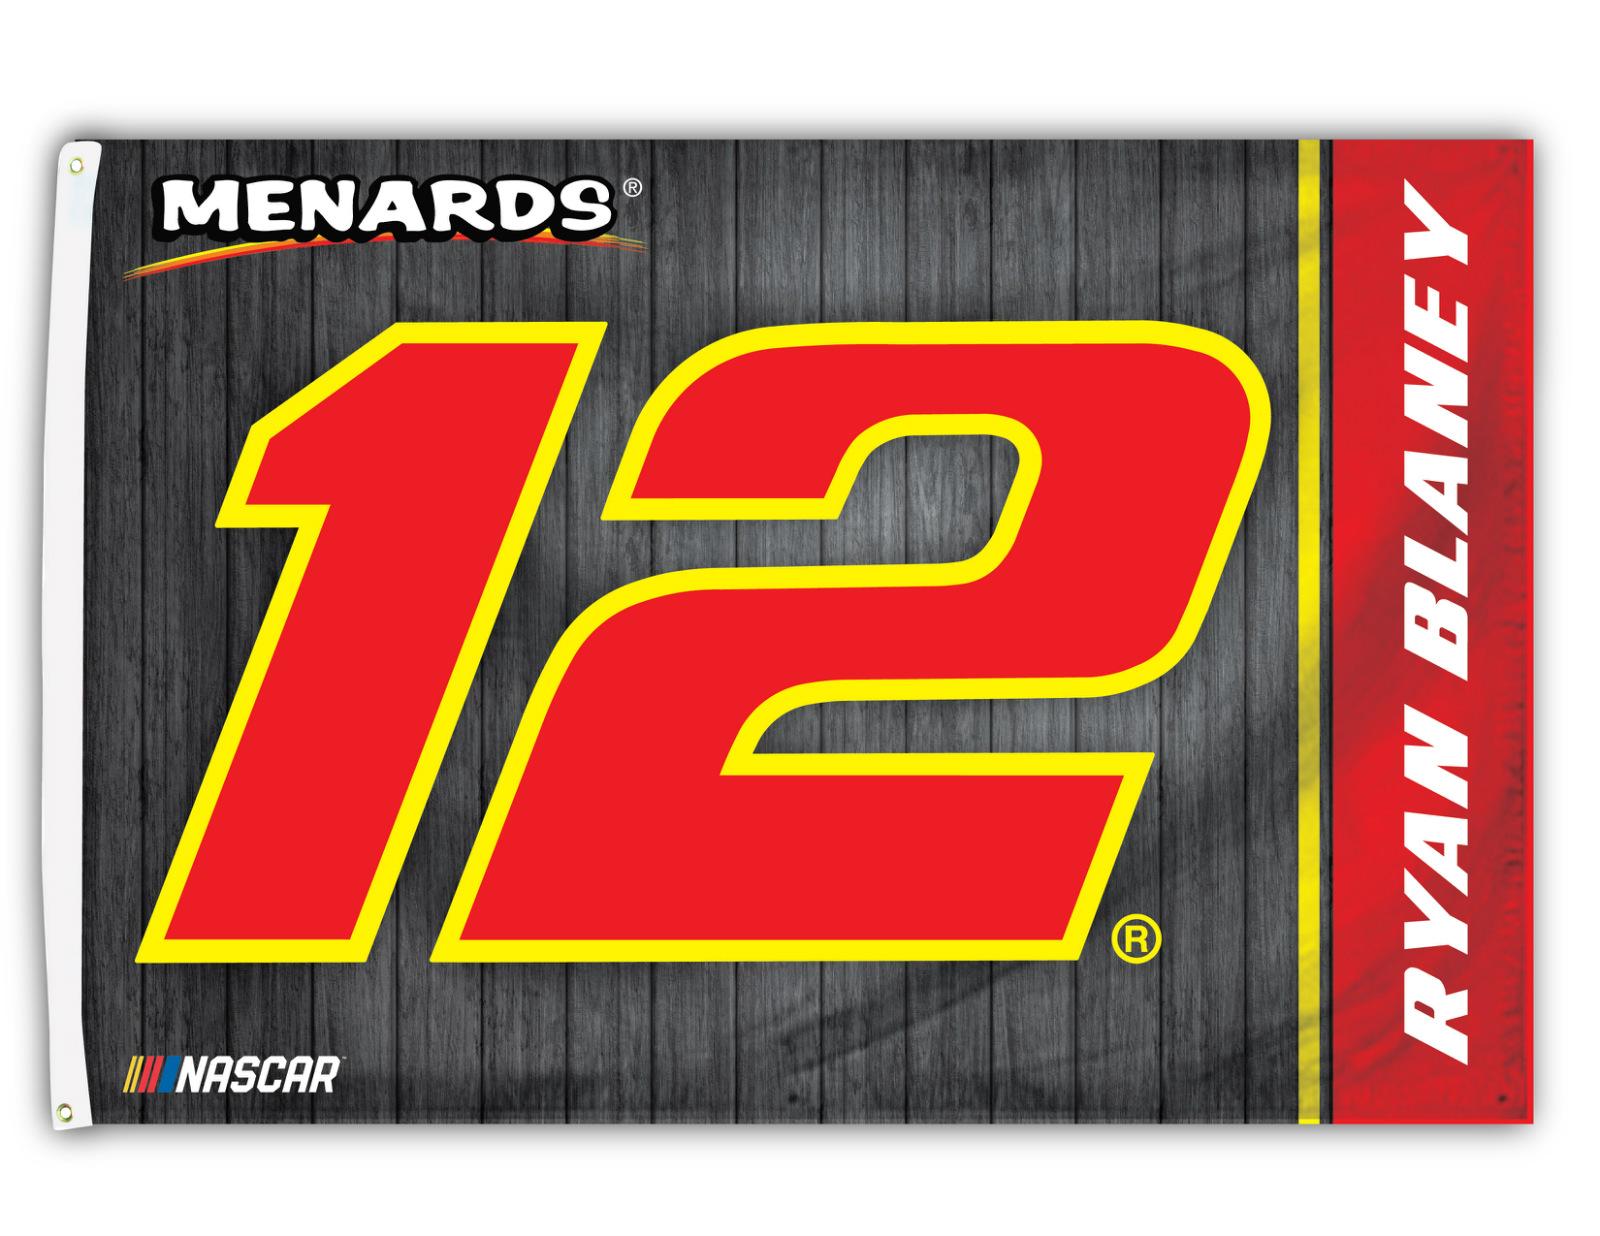 12 Racing Number